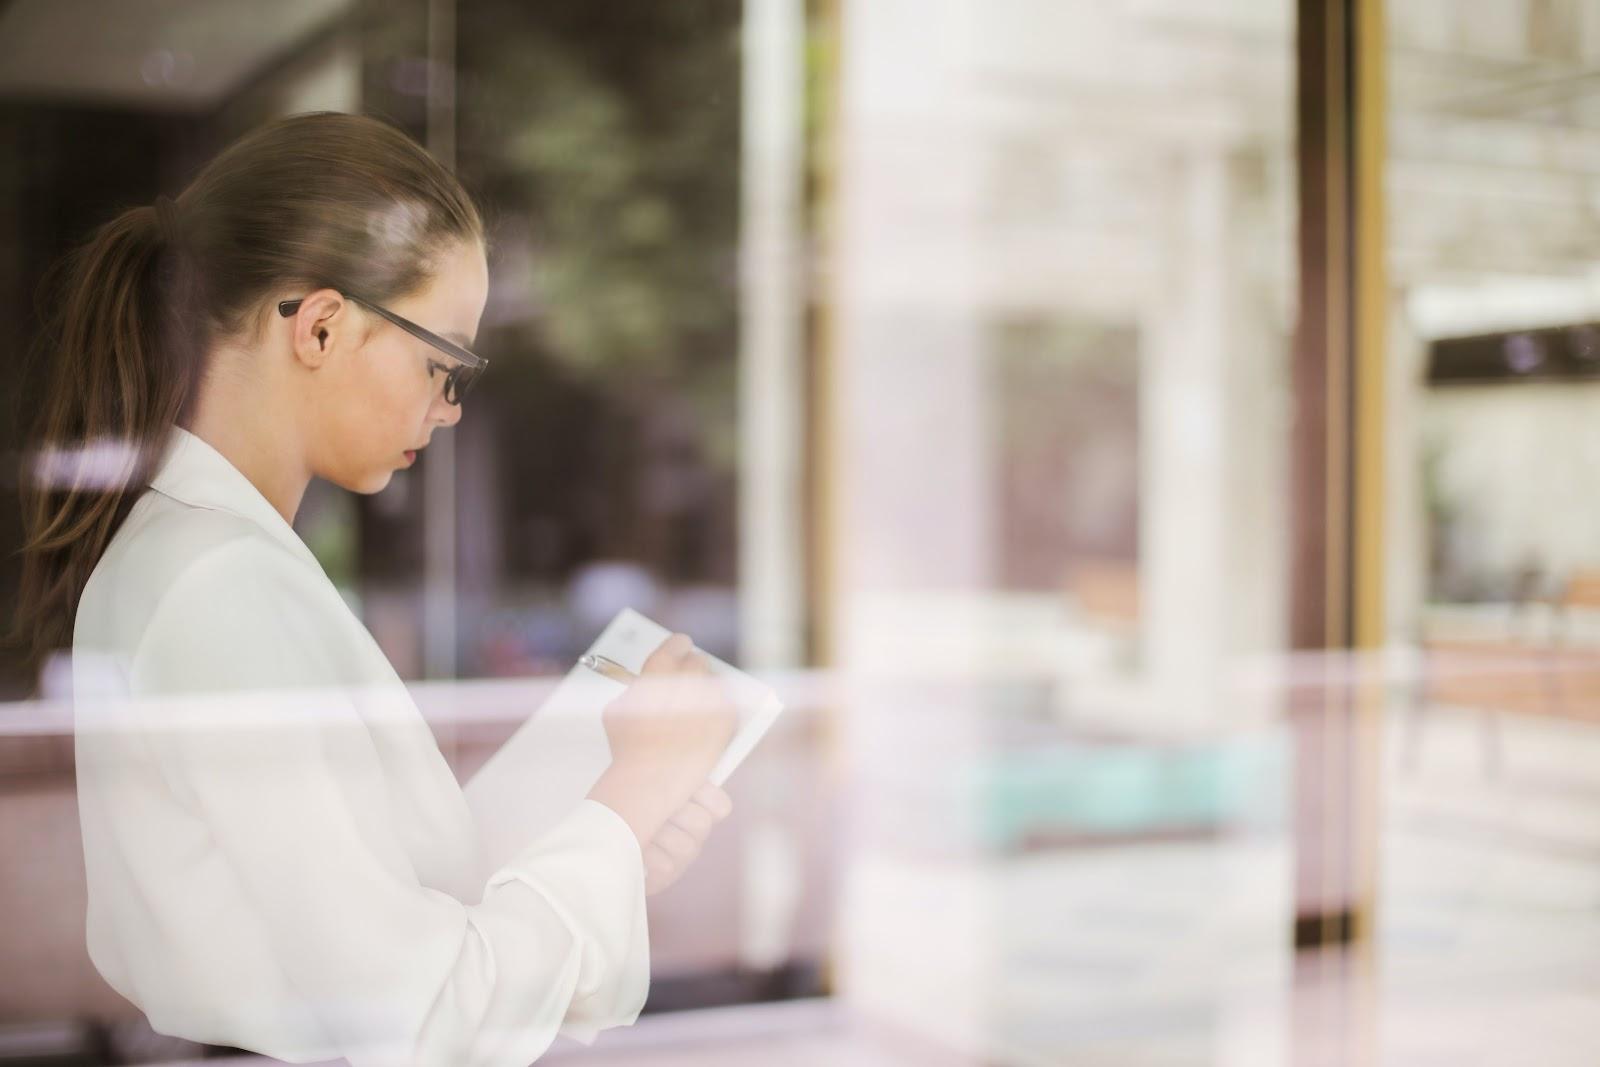 Uma mulher escrevendo algo em um papel.